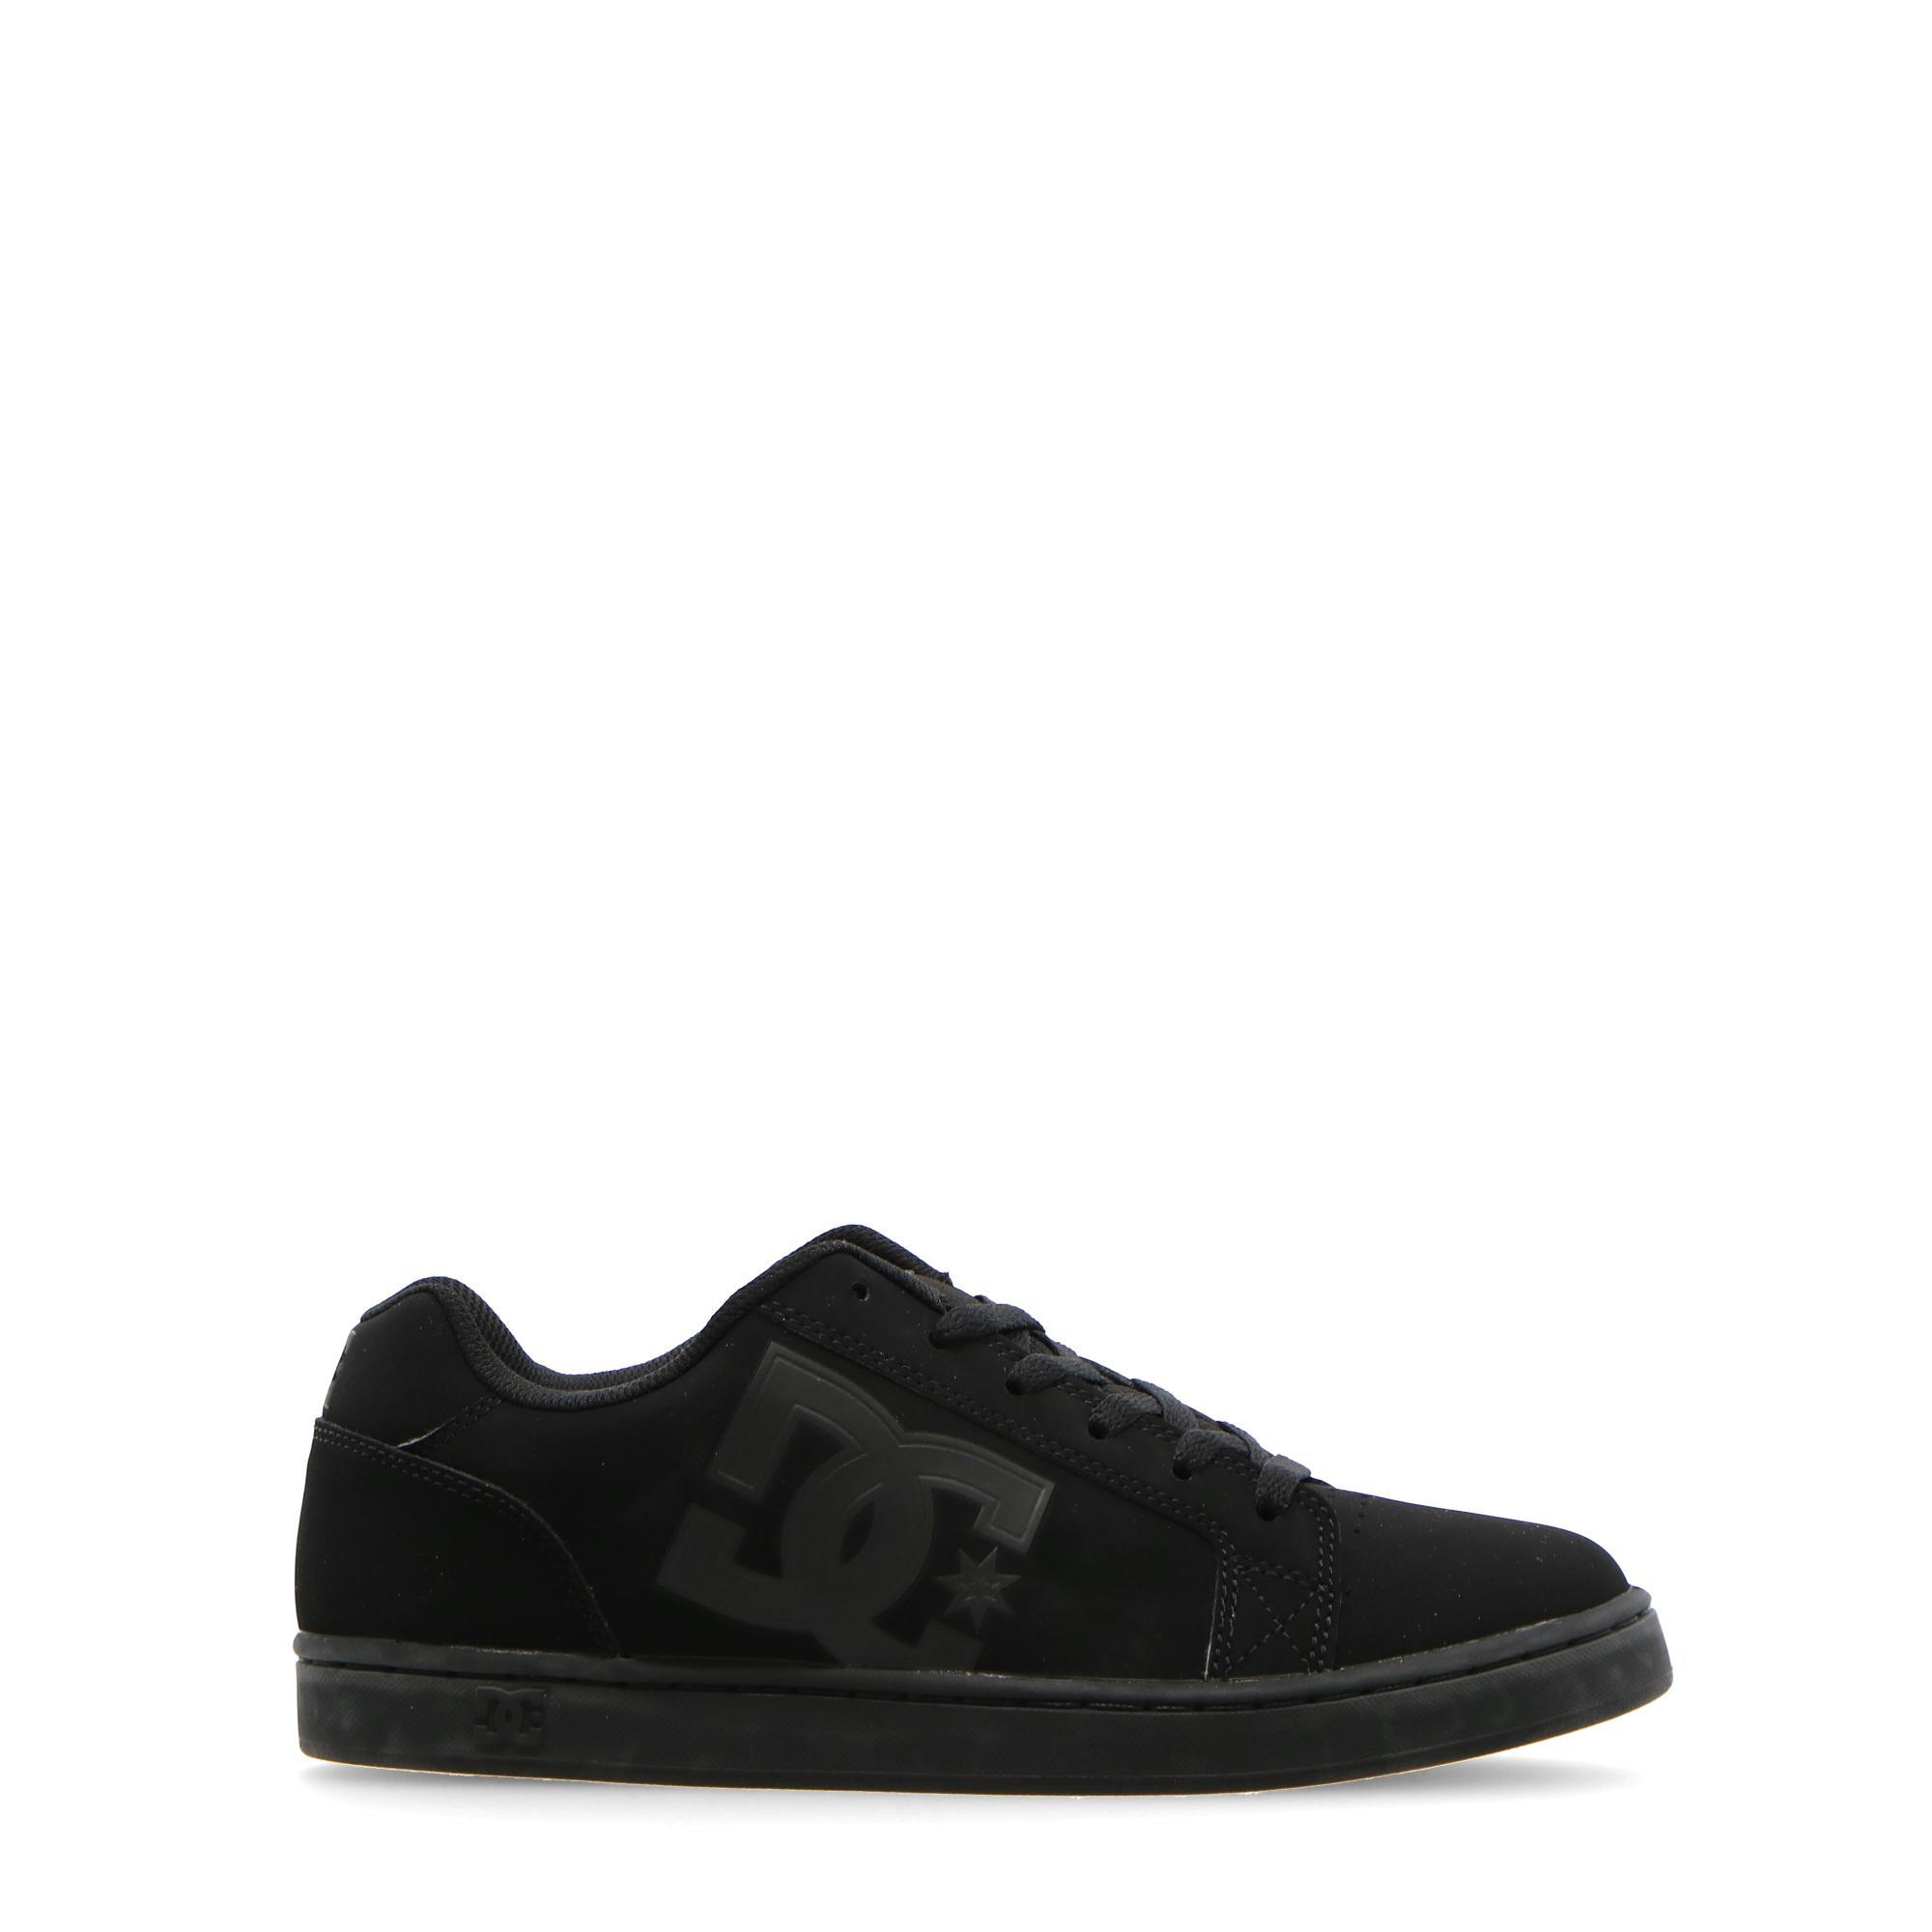 Dc Vserial Graffik Black black black